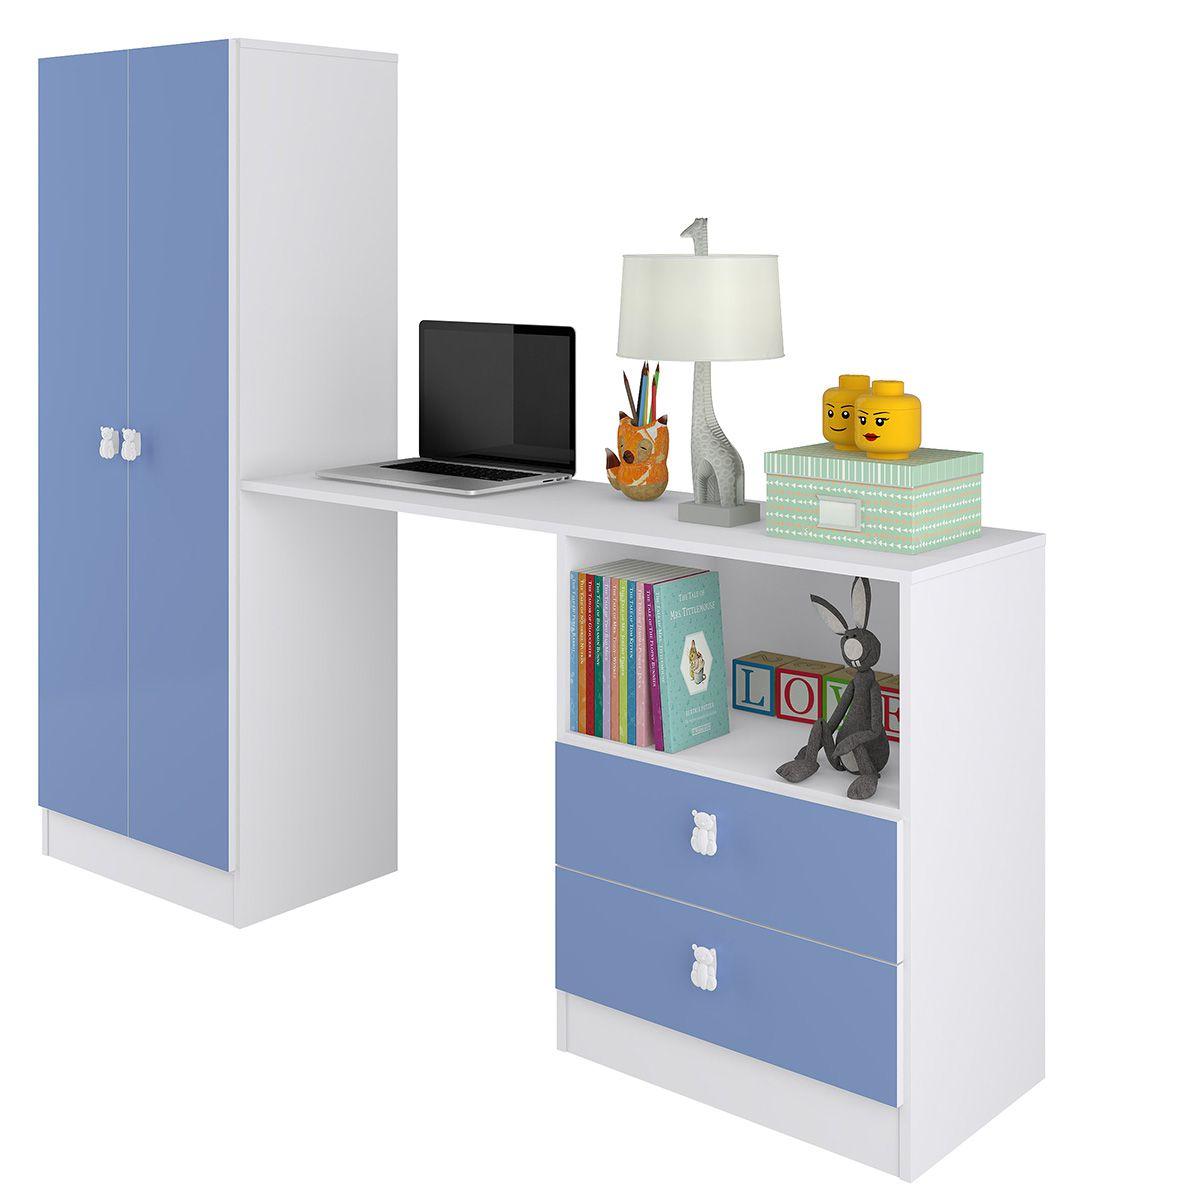 Roupeiro Multifuncional Meu Fofinho 02 Portas 02 Gavetas Azul - Art In Móveis